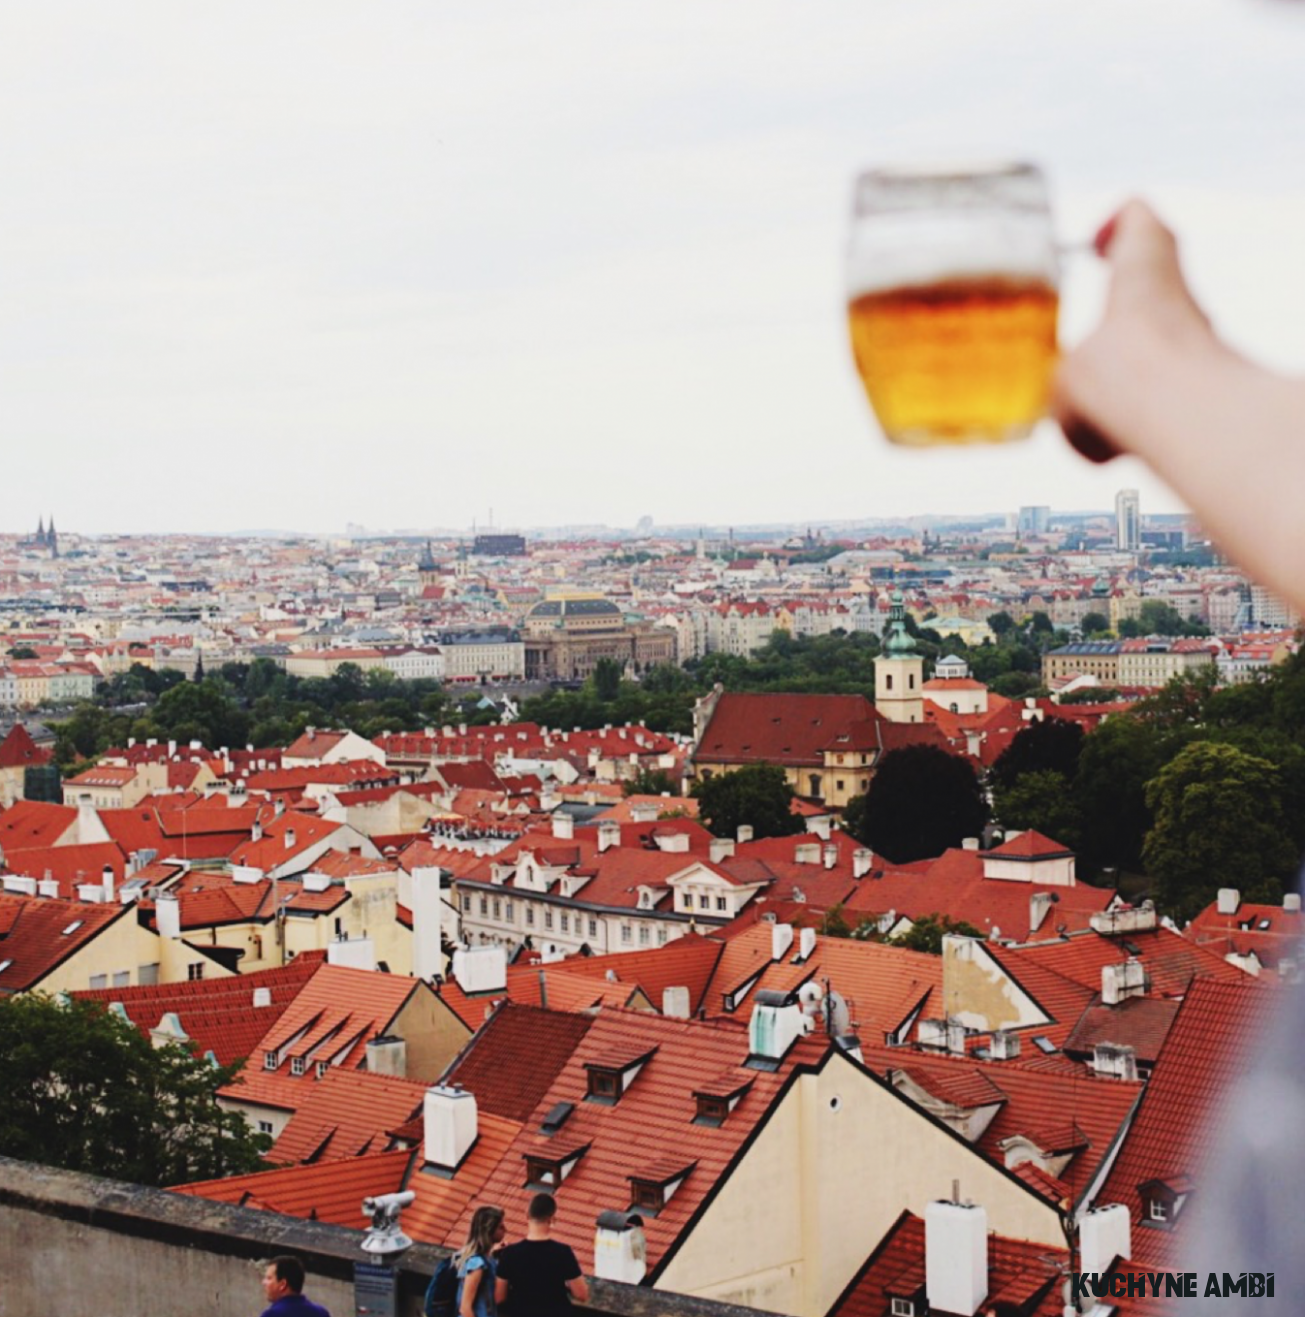 19 Nejvíce z Kuchyně Ambi in 19  Alcoholic drinks, Wine, Rose wine